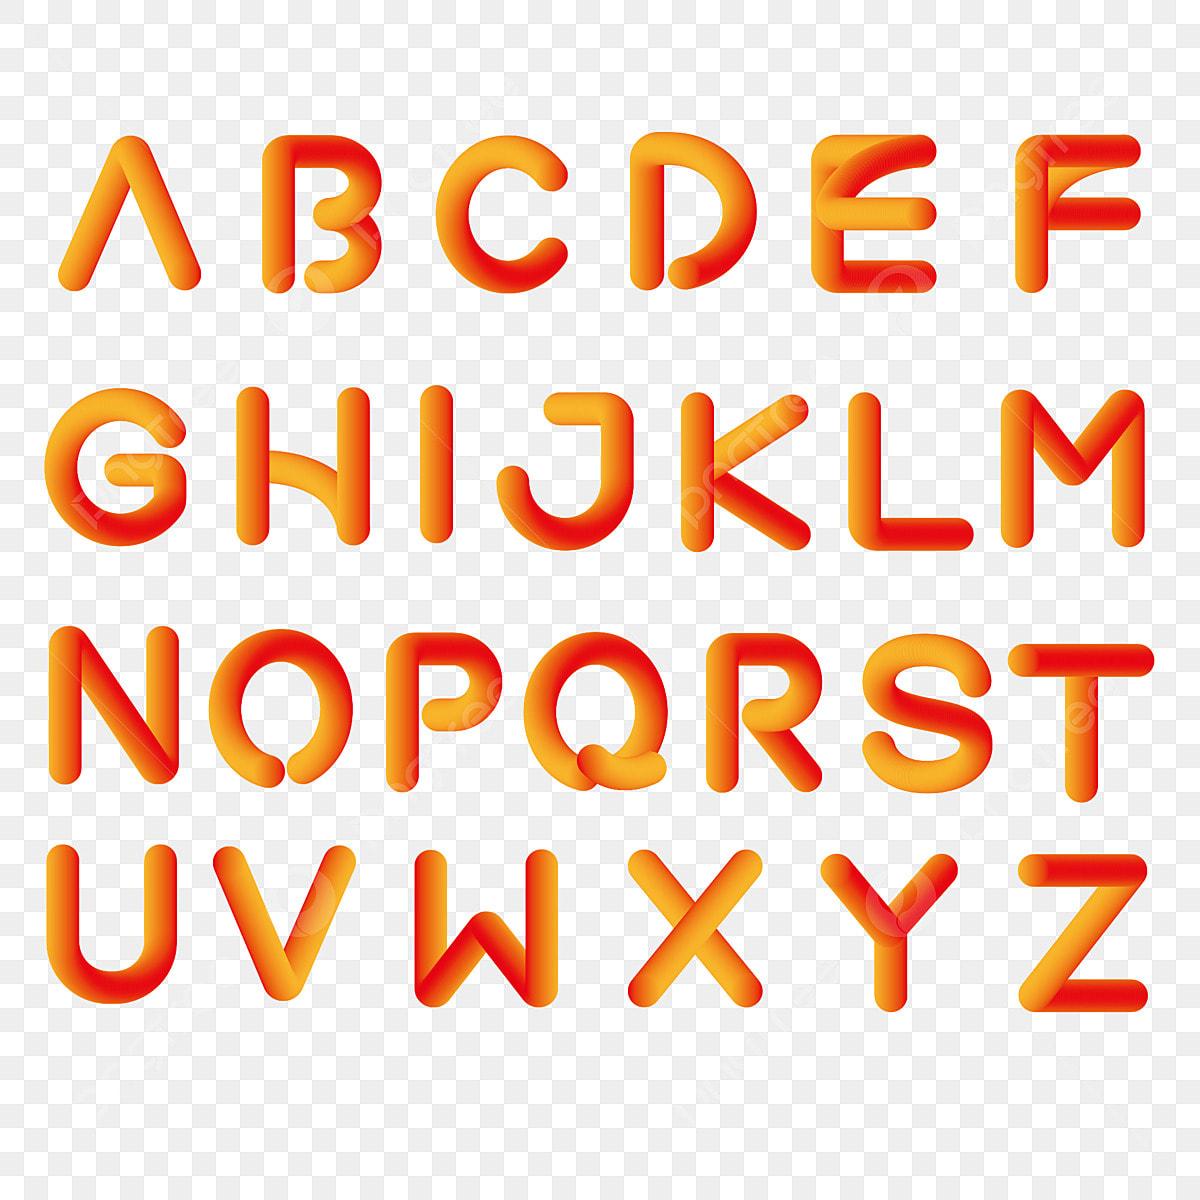 無料ダウンロードのためのアルファベット アルファベット 英文 立体png